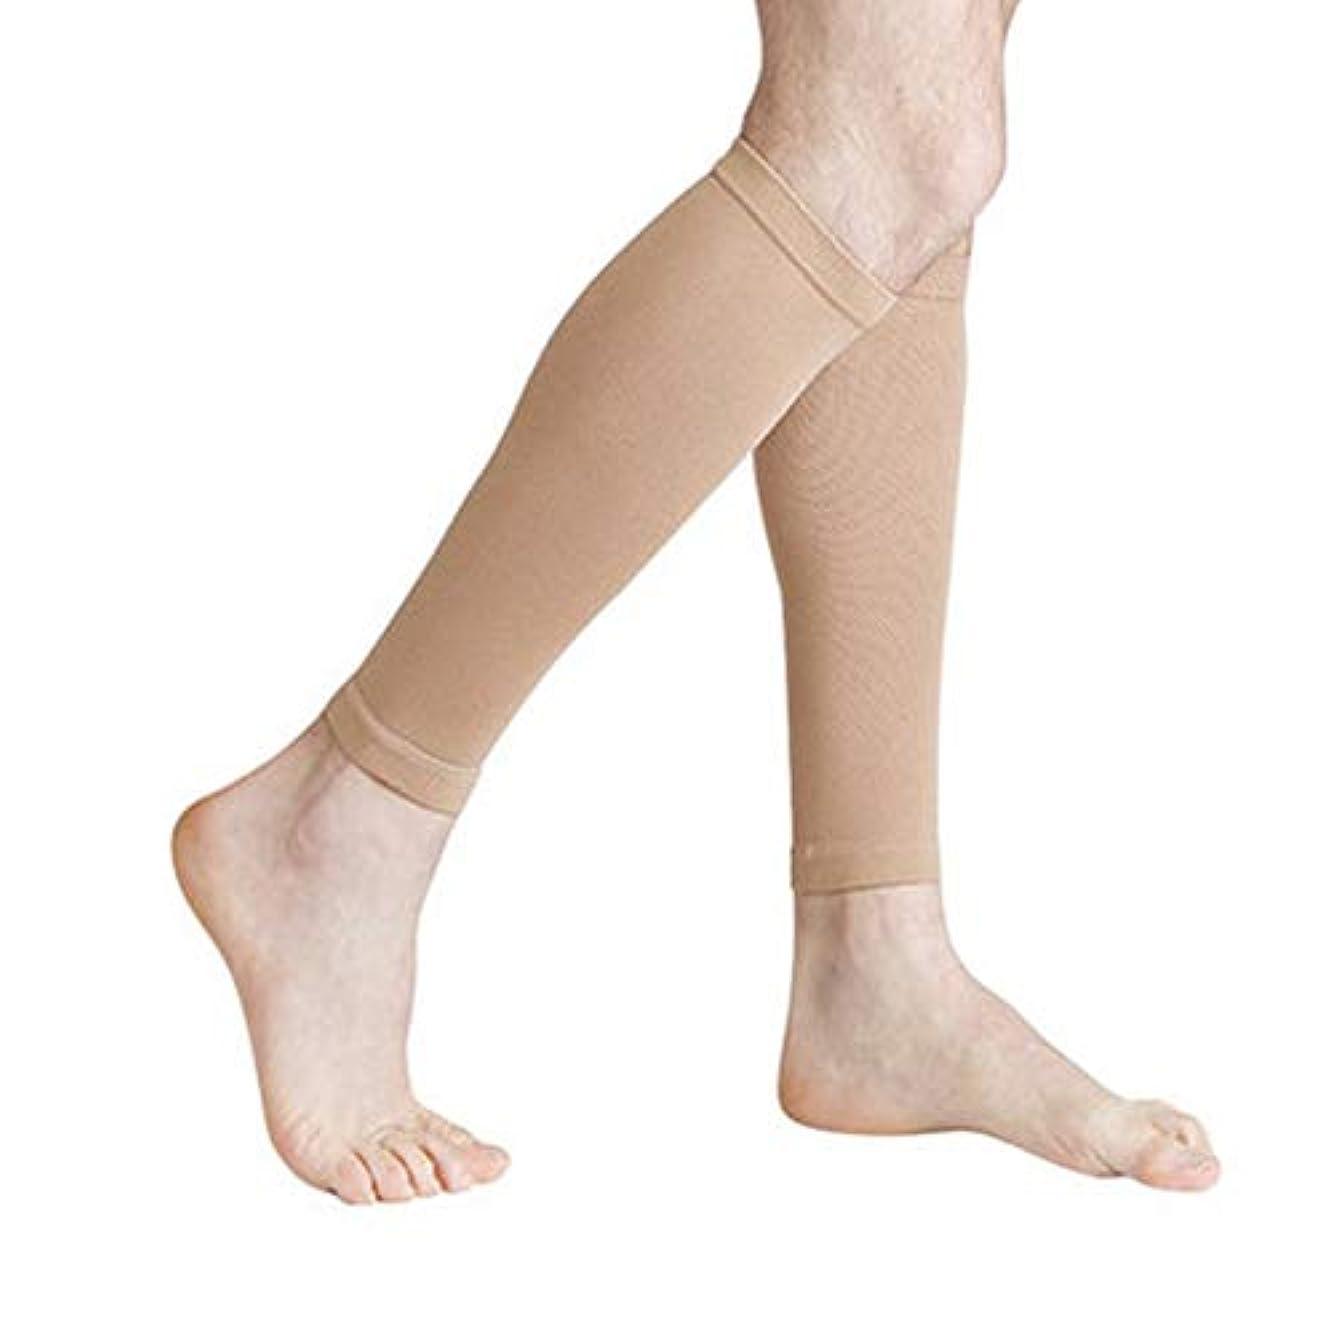 休眠ロッカートーク丈夫な男性女性プロの圧縮靴下通気性のある旅行活動看護師用シントスプリントフライトトラベル - 肌色